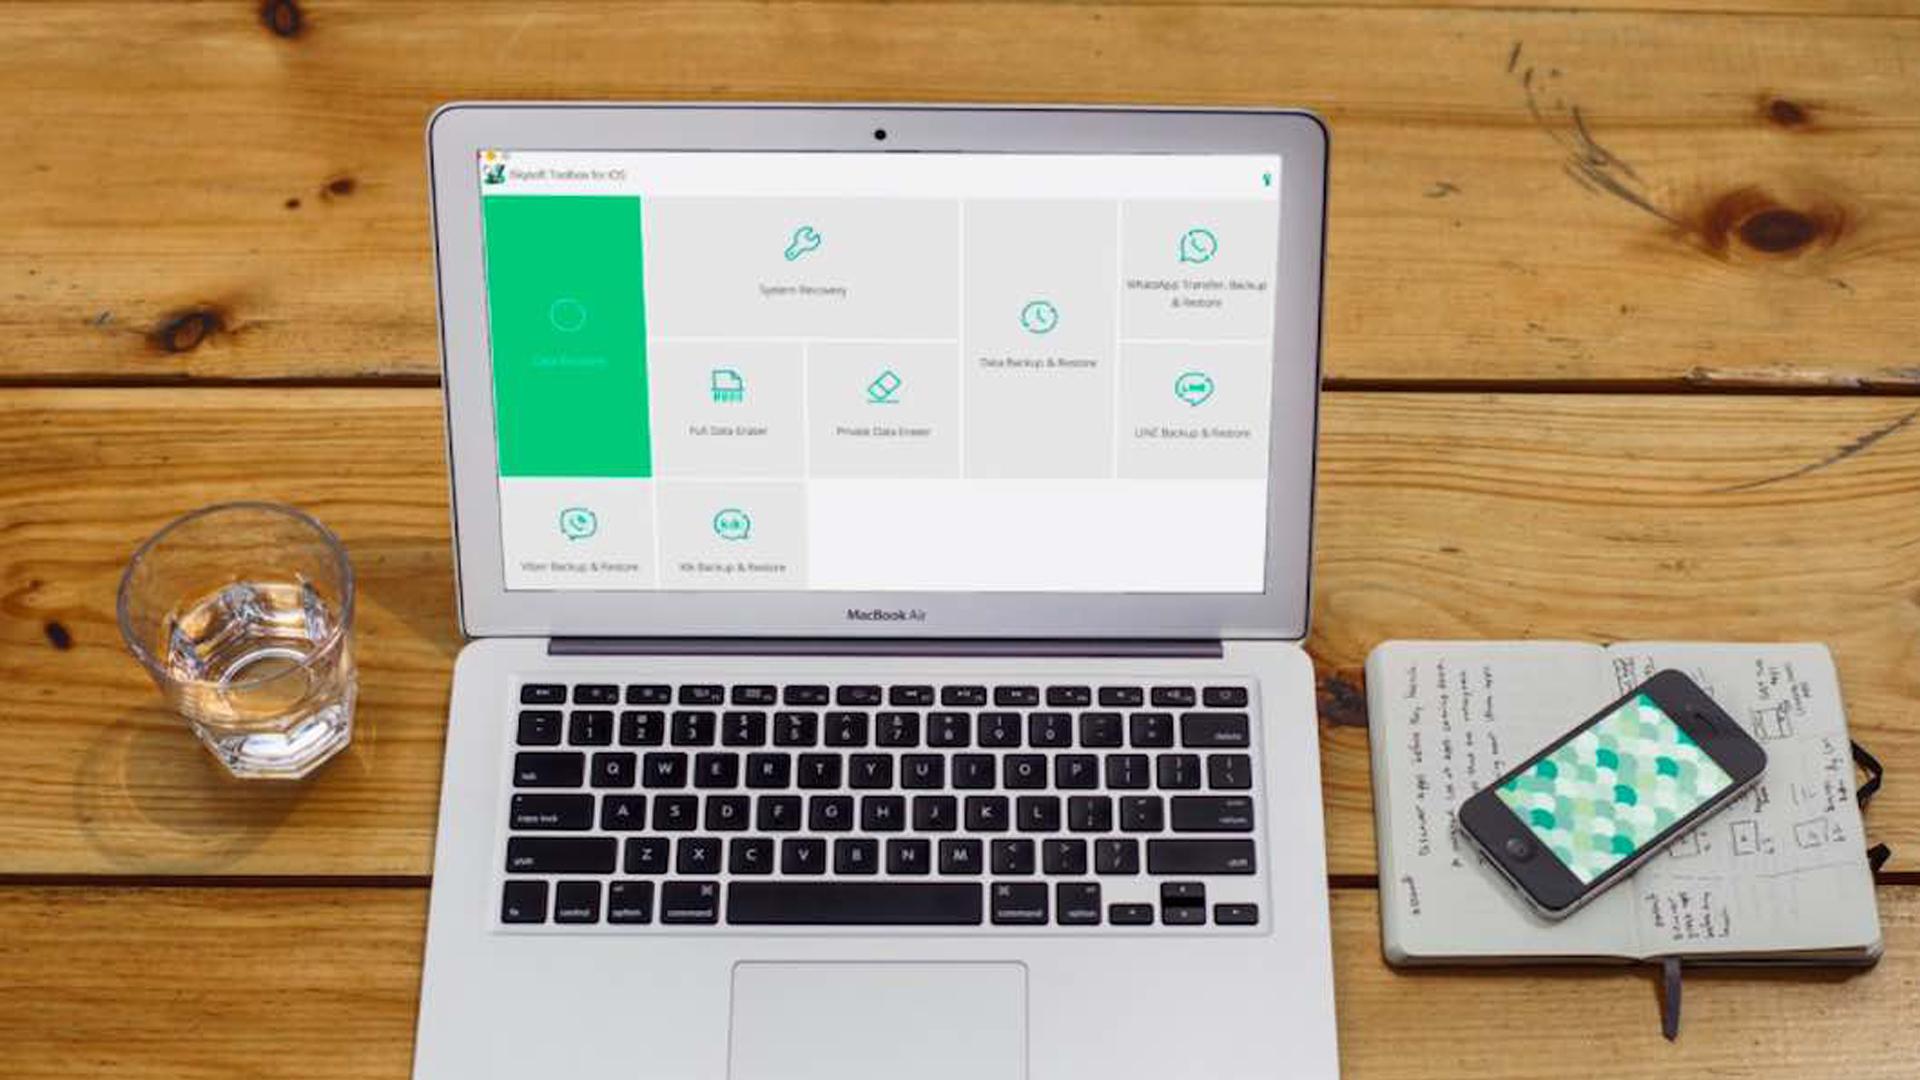 iSkysoft Toolbox - Restore Social